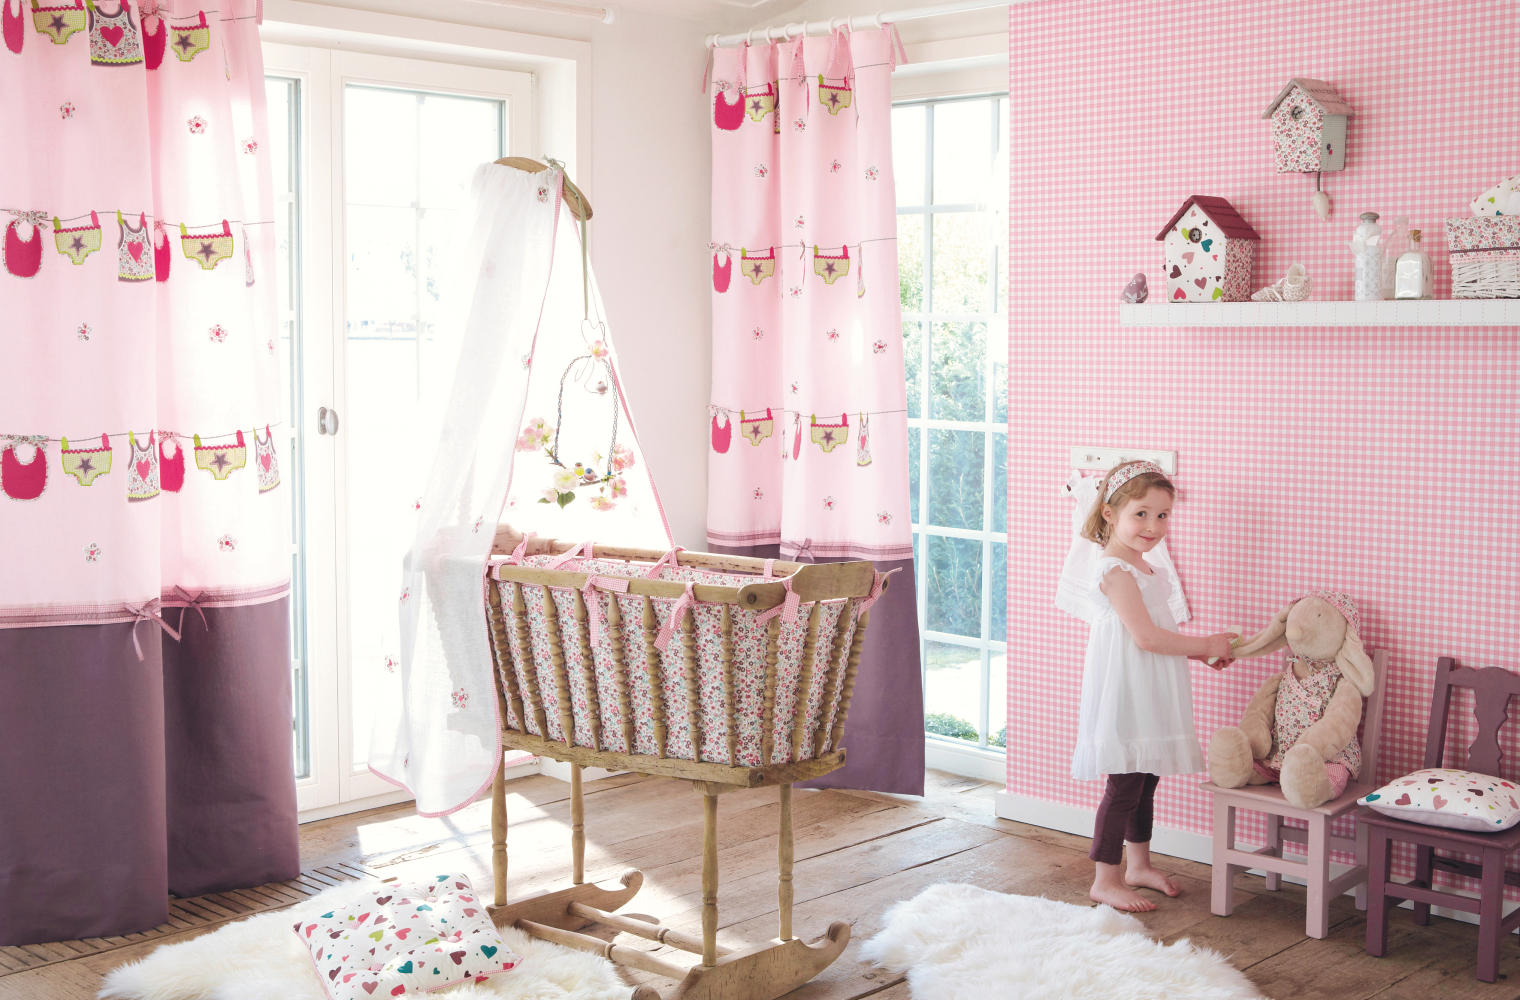 Babyzimmer In Rosa Mit U0027Lillipopsu0027 Tapeten Und Stoffen Von Camengo #vorhang  #kinderbett